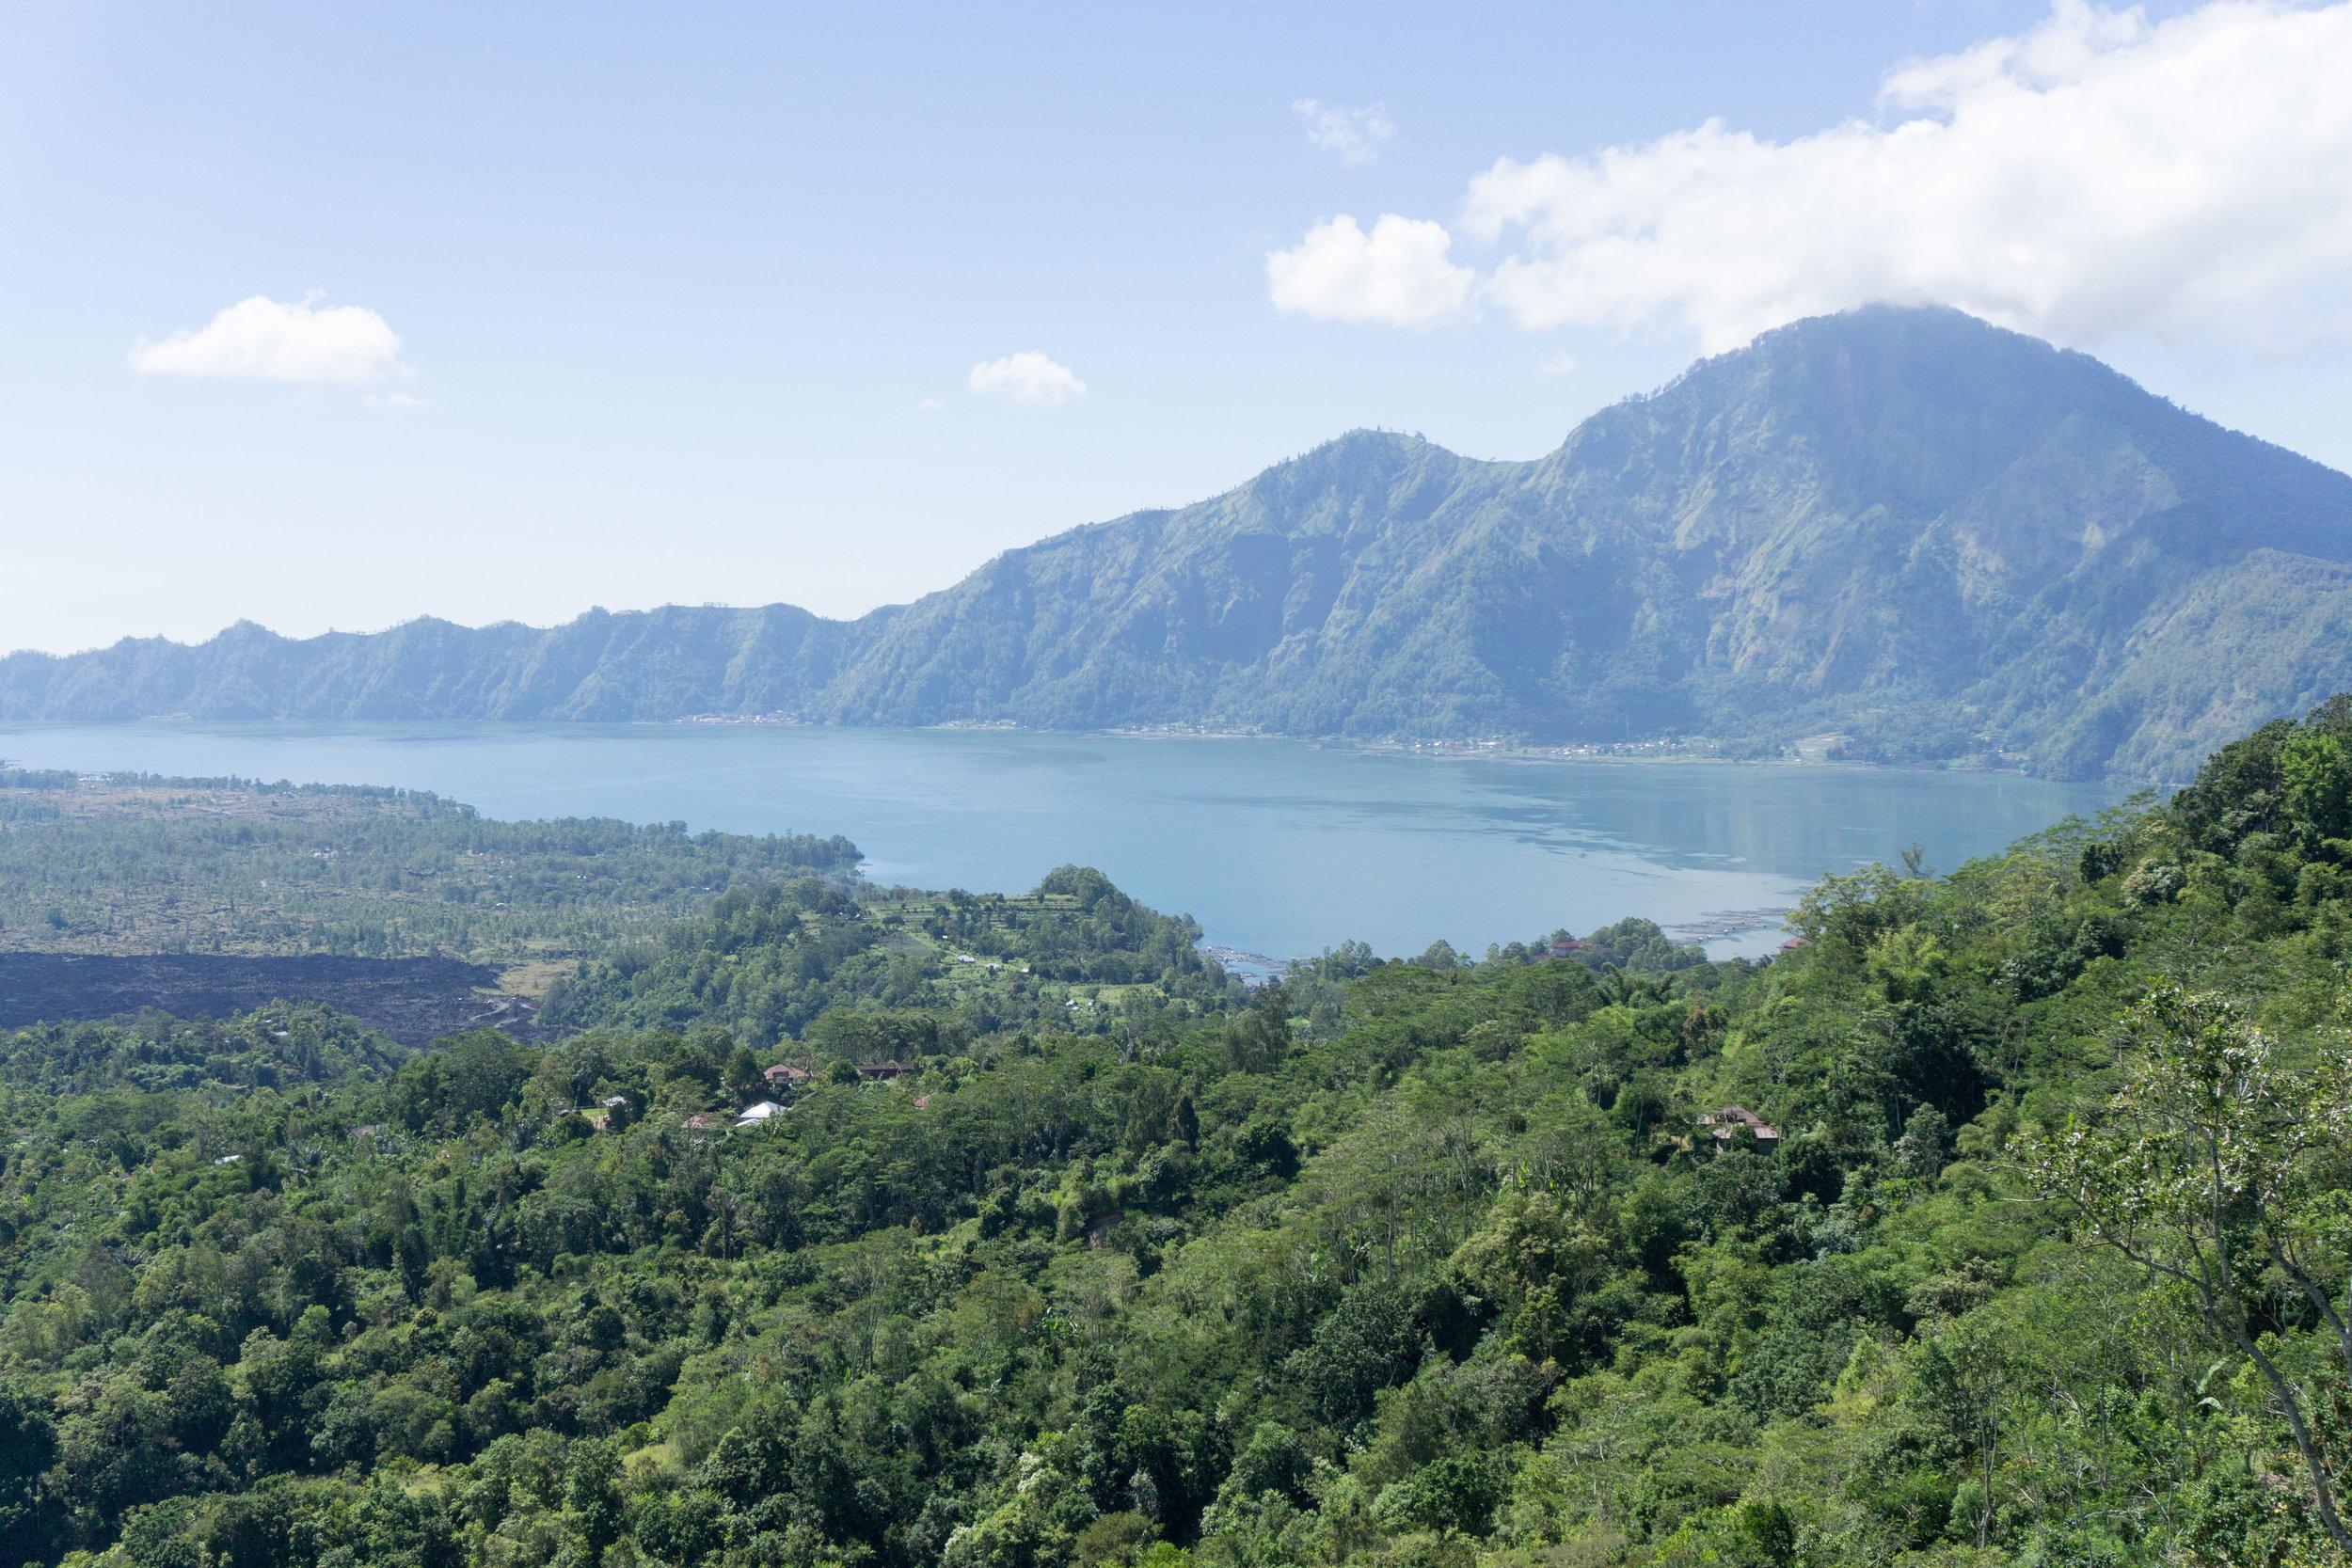 Mount Batur from a far